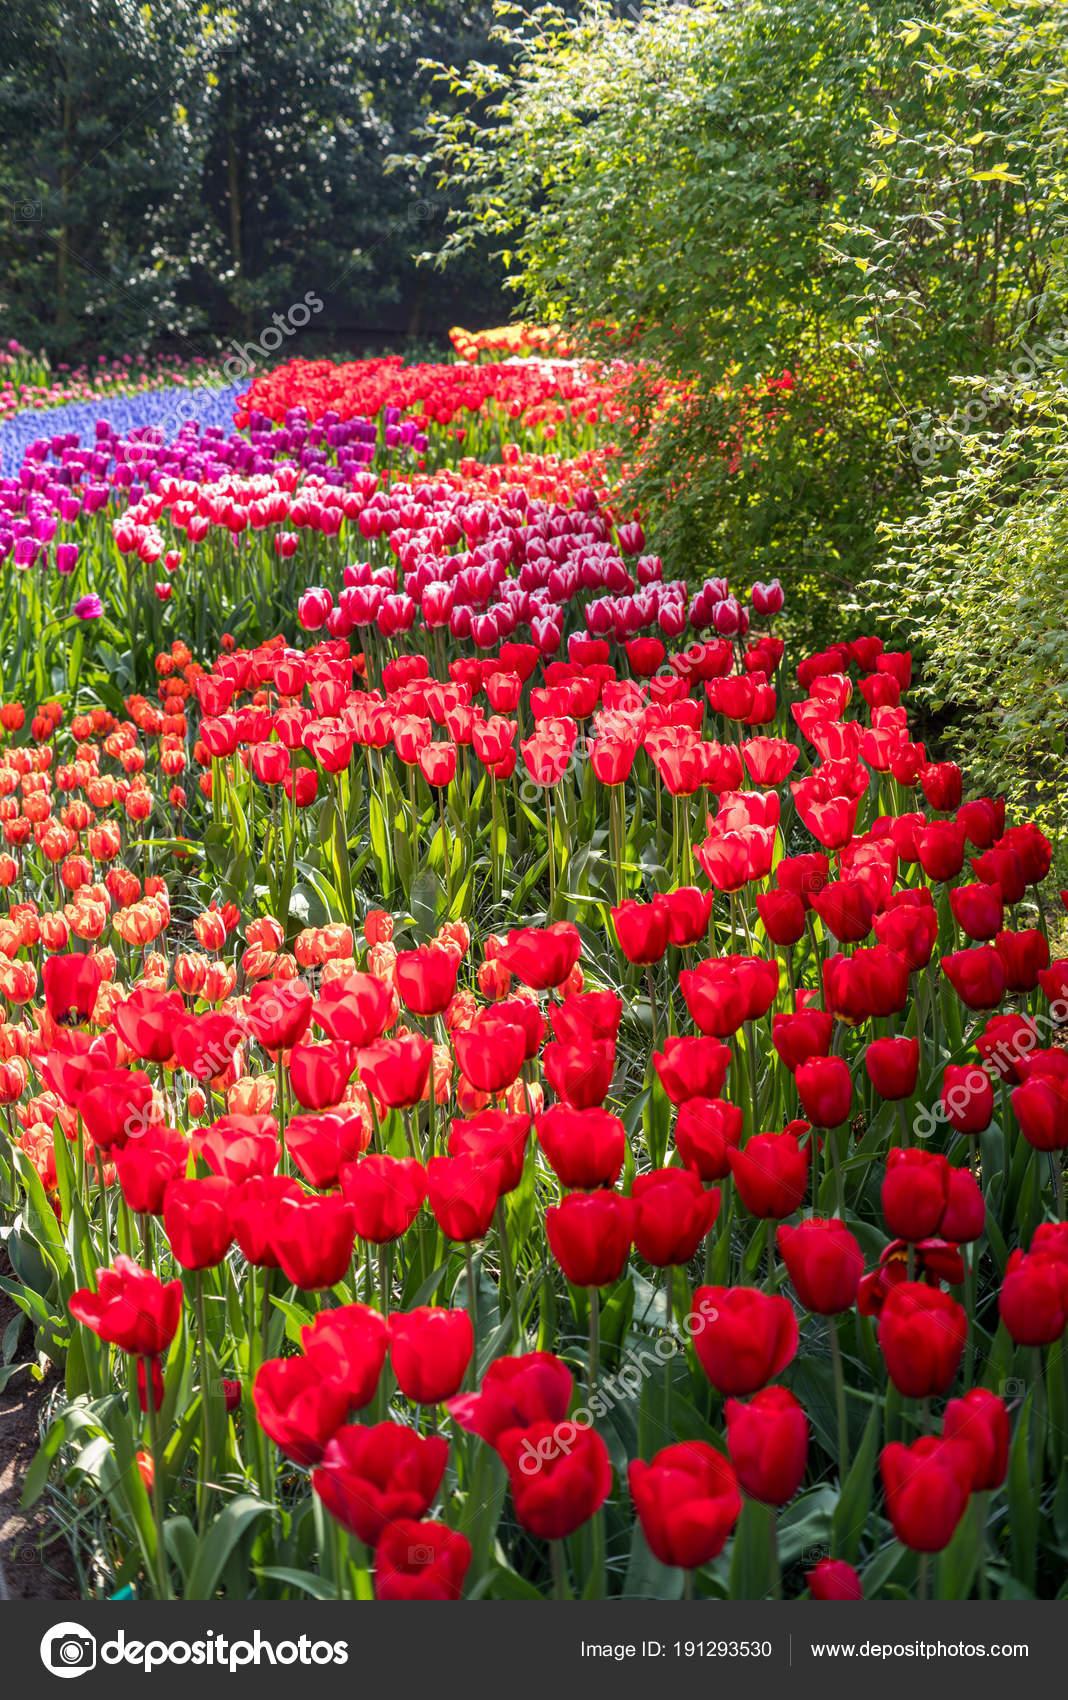 Güzel çiçekler Stok Foto Maverickette 191293530